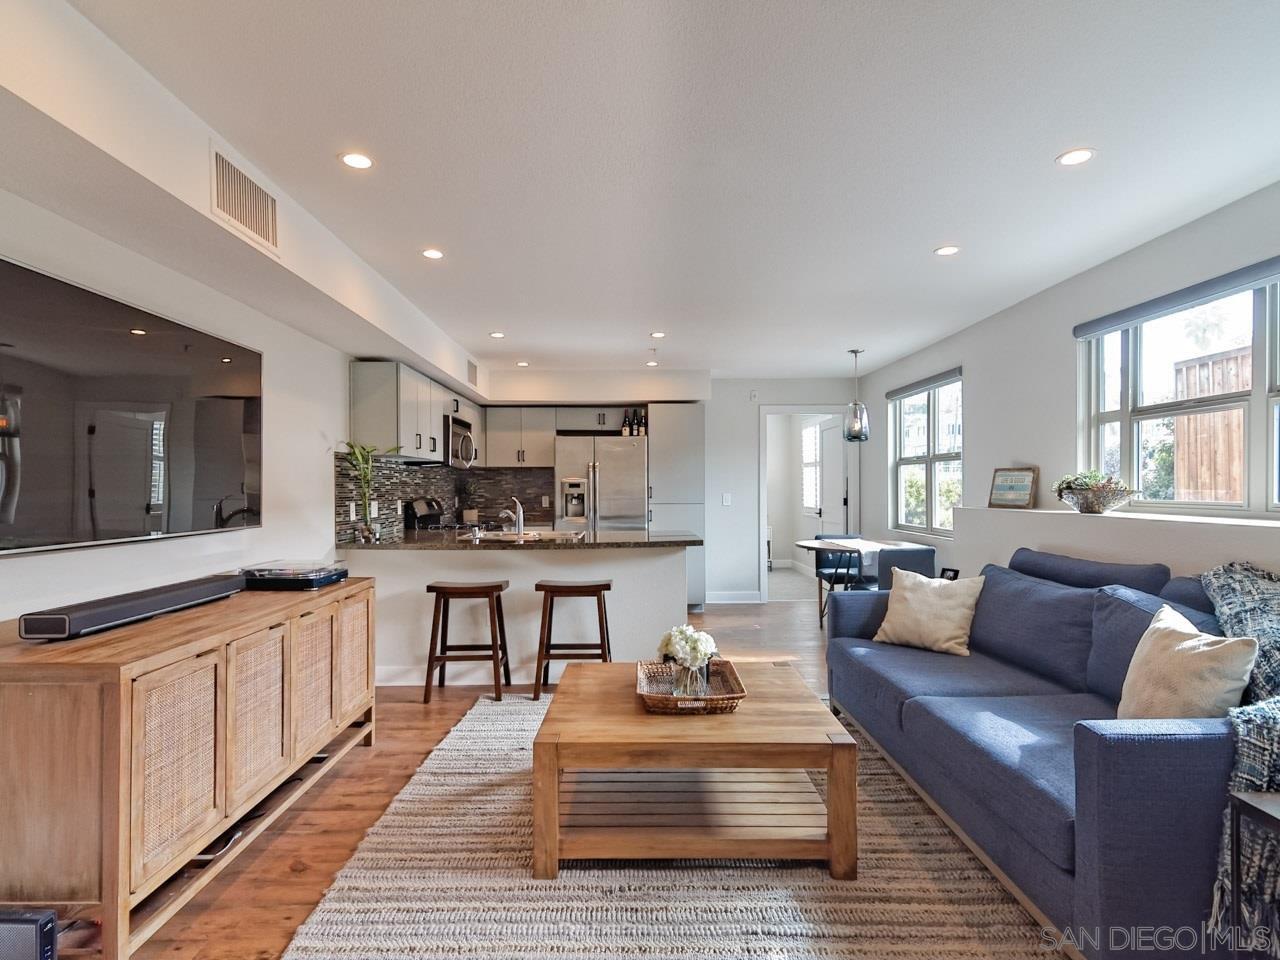 Main Photo: ENCINITAS Condo for sale : 2 bedrooms : 687 S Coast Highway 101 #208